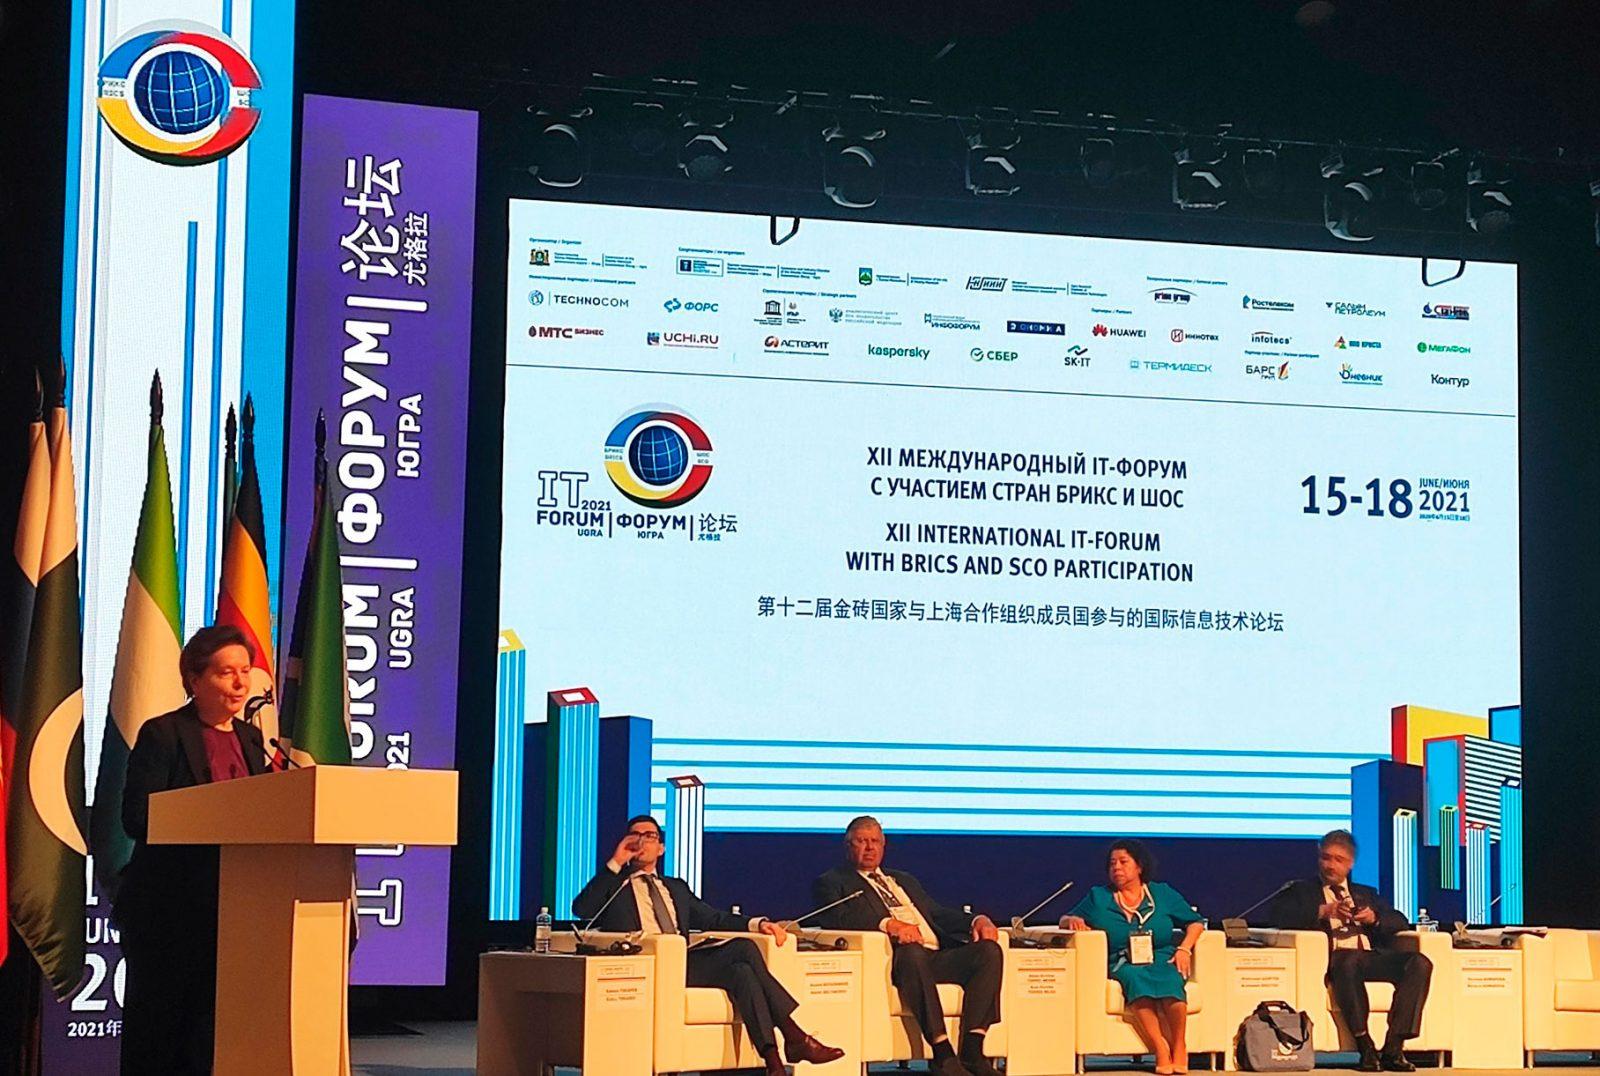 Стартовал XII Международный IT-форум с участием стран БРИКС и ШОС